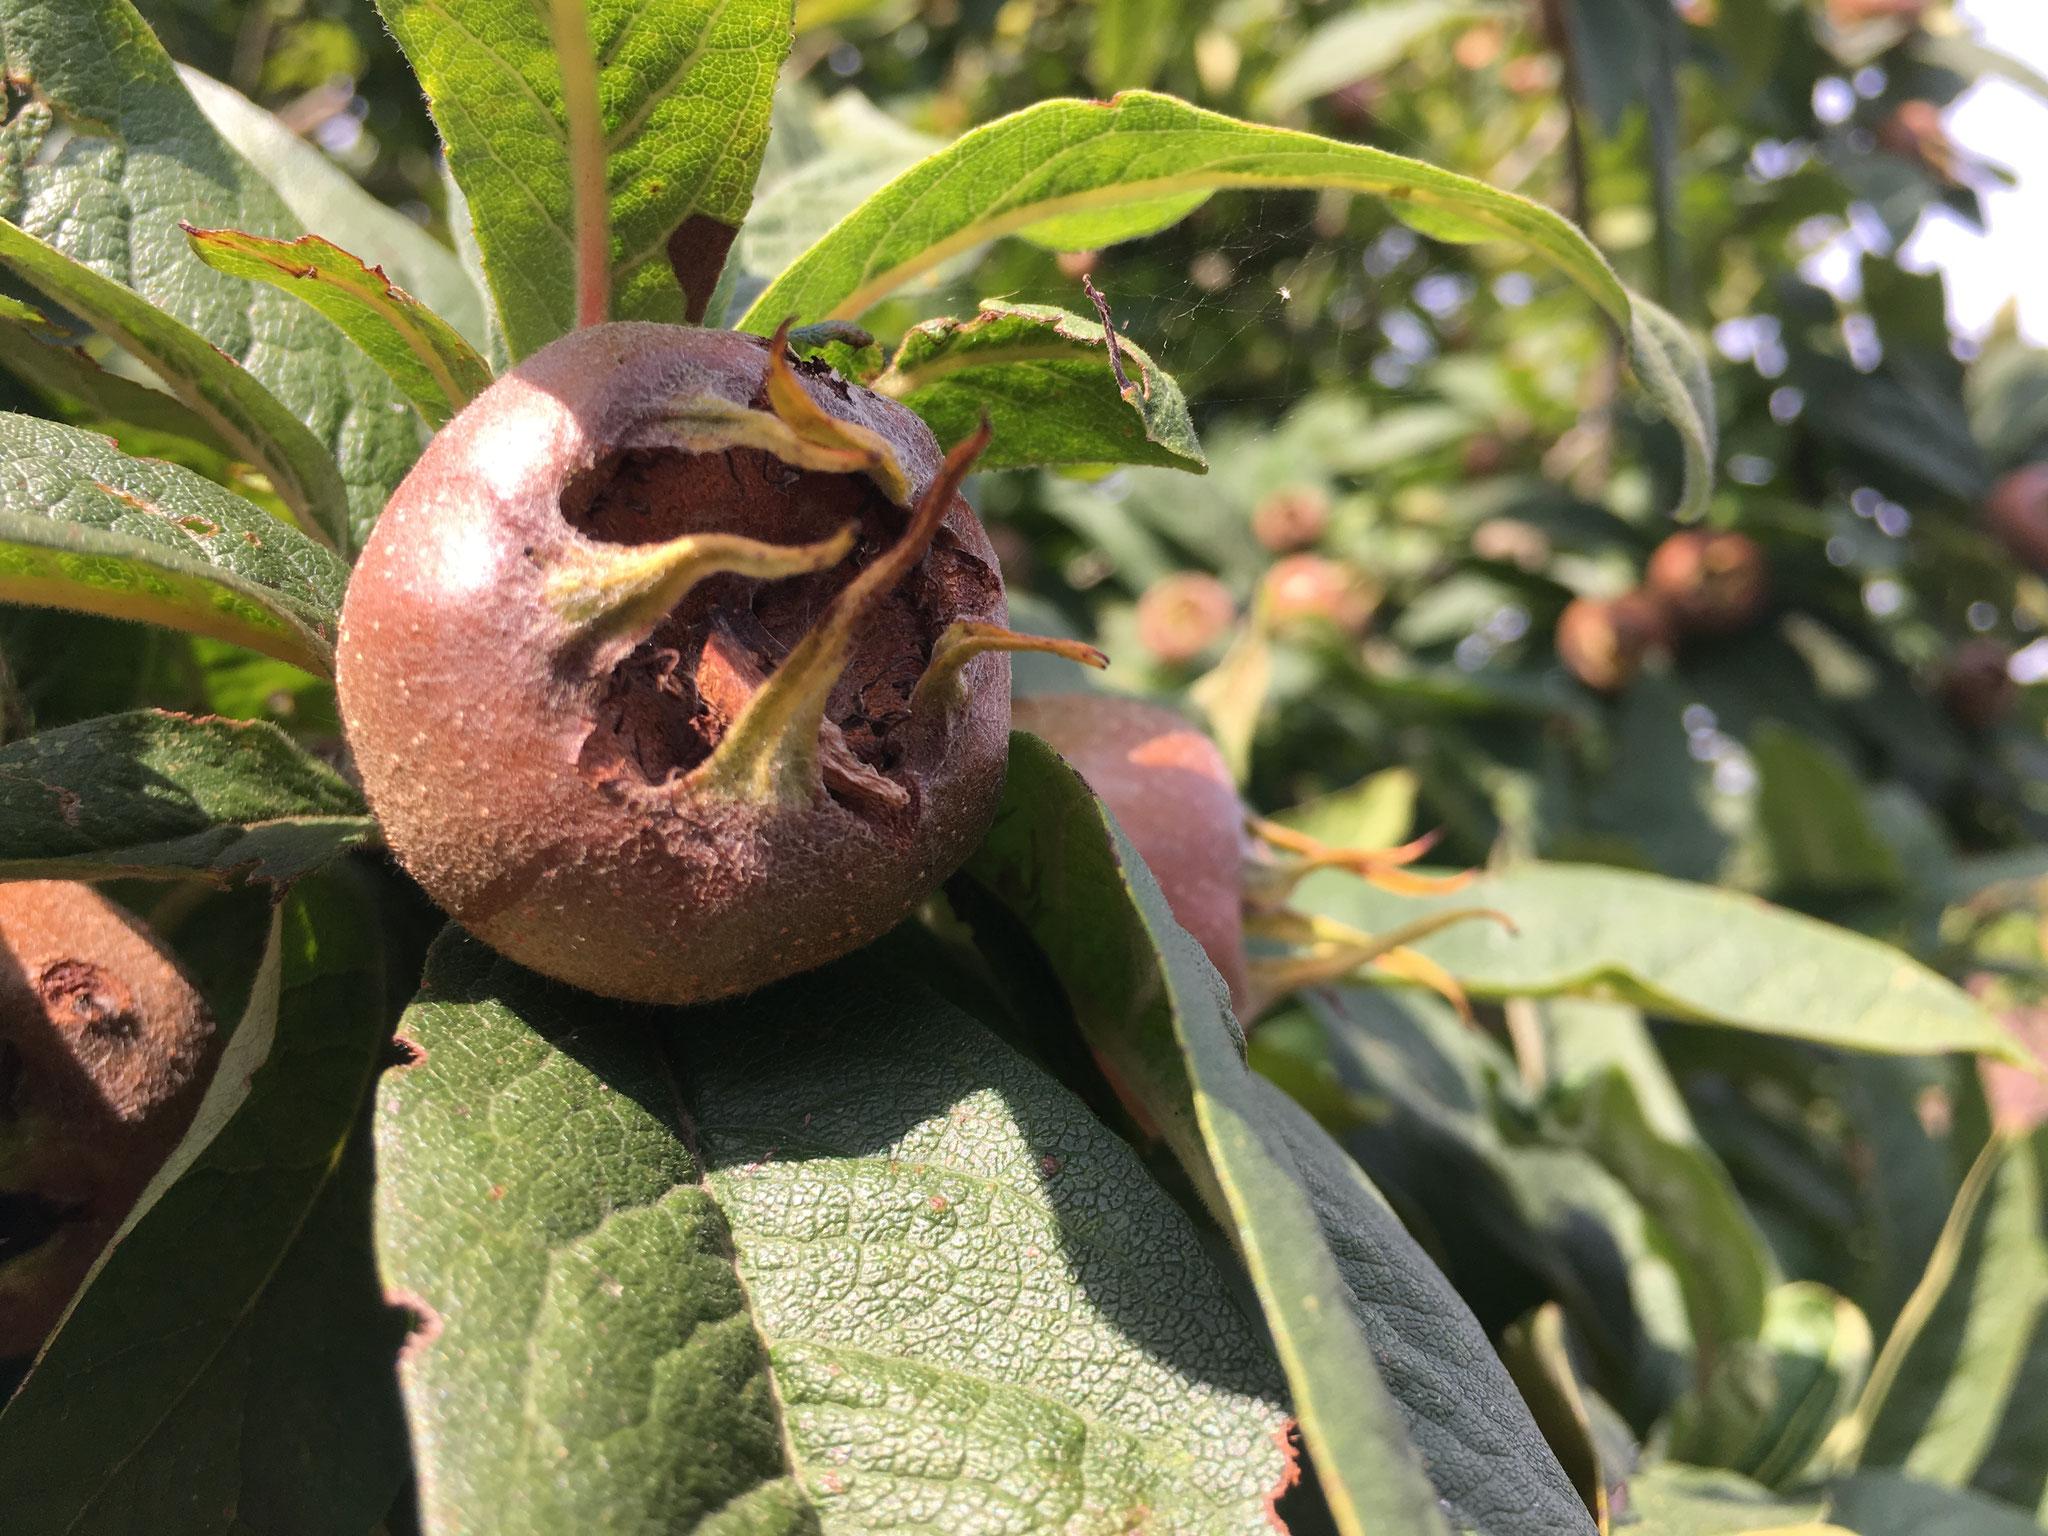 Mispel - alte Apfelfrucht. Kann zu Mus verarbeitet werden. Die Frucht war im Mittelalter in Süd- und Mitteleuropa weit verbreitet. Nach der ersten Frosteinwirkung werden die Früchte zu Gelee, Marmelade und Mispelmus verarbeitet. Vitaminreich.